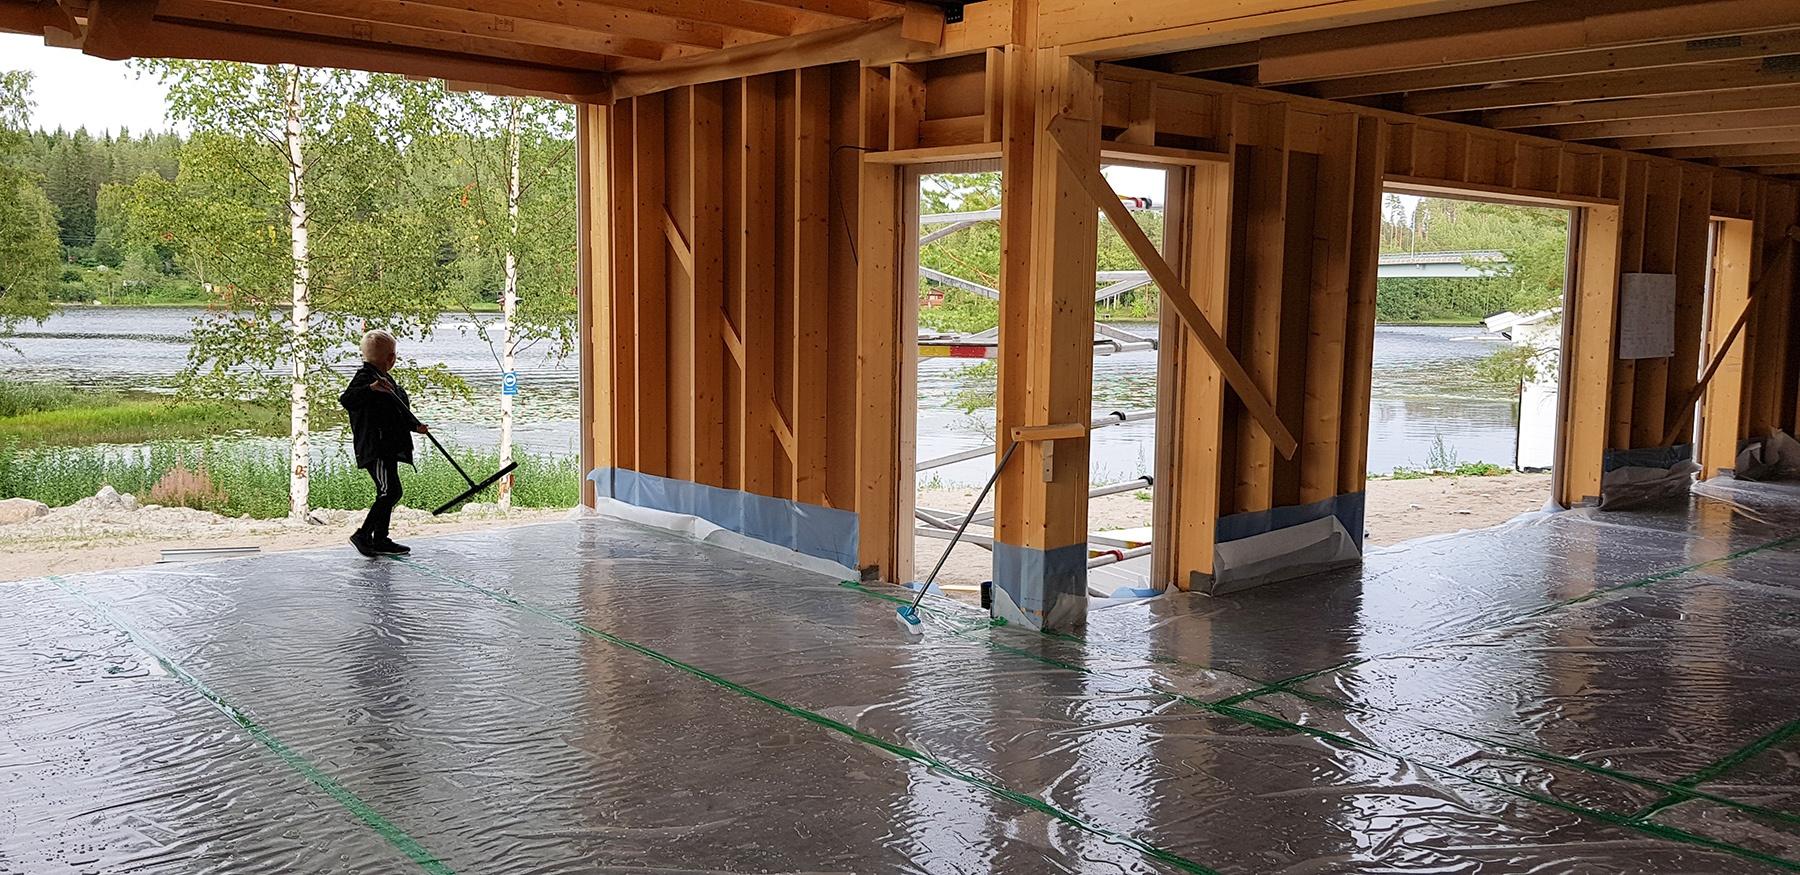 Kaikki-vaiheet-kuivasirotelattia-mikrosementtilattia-betonilattia-valmistamiseen-9